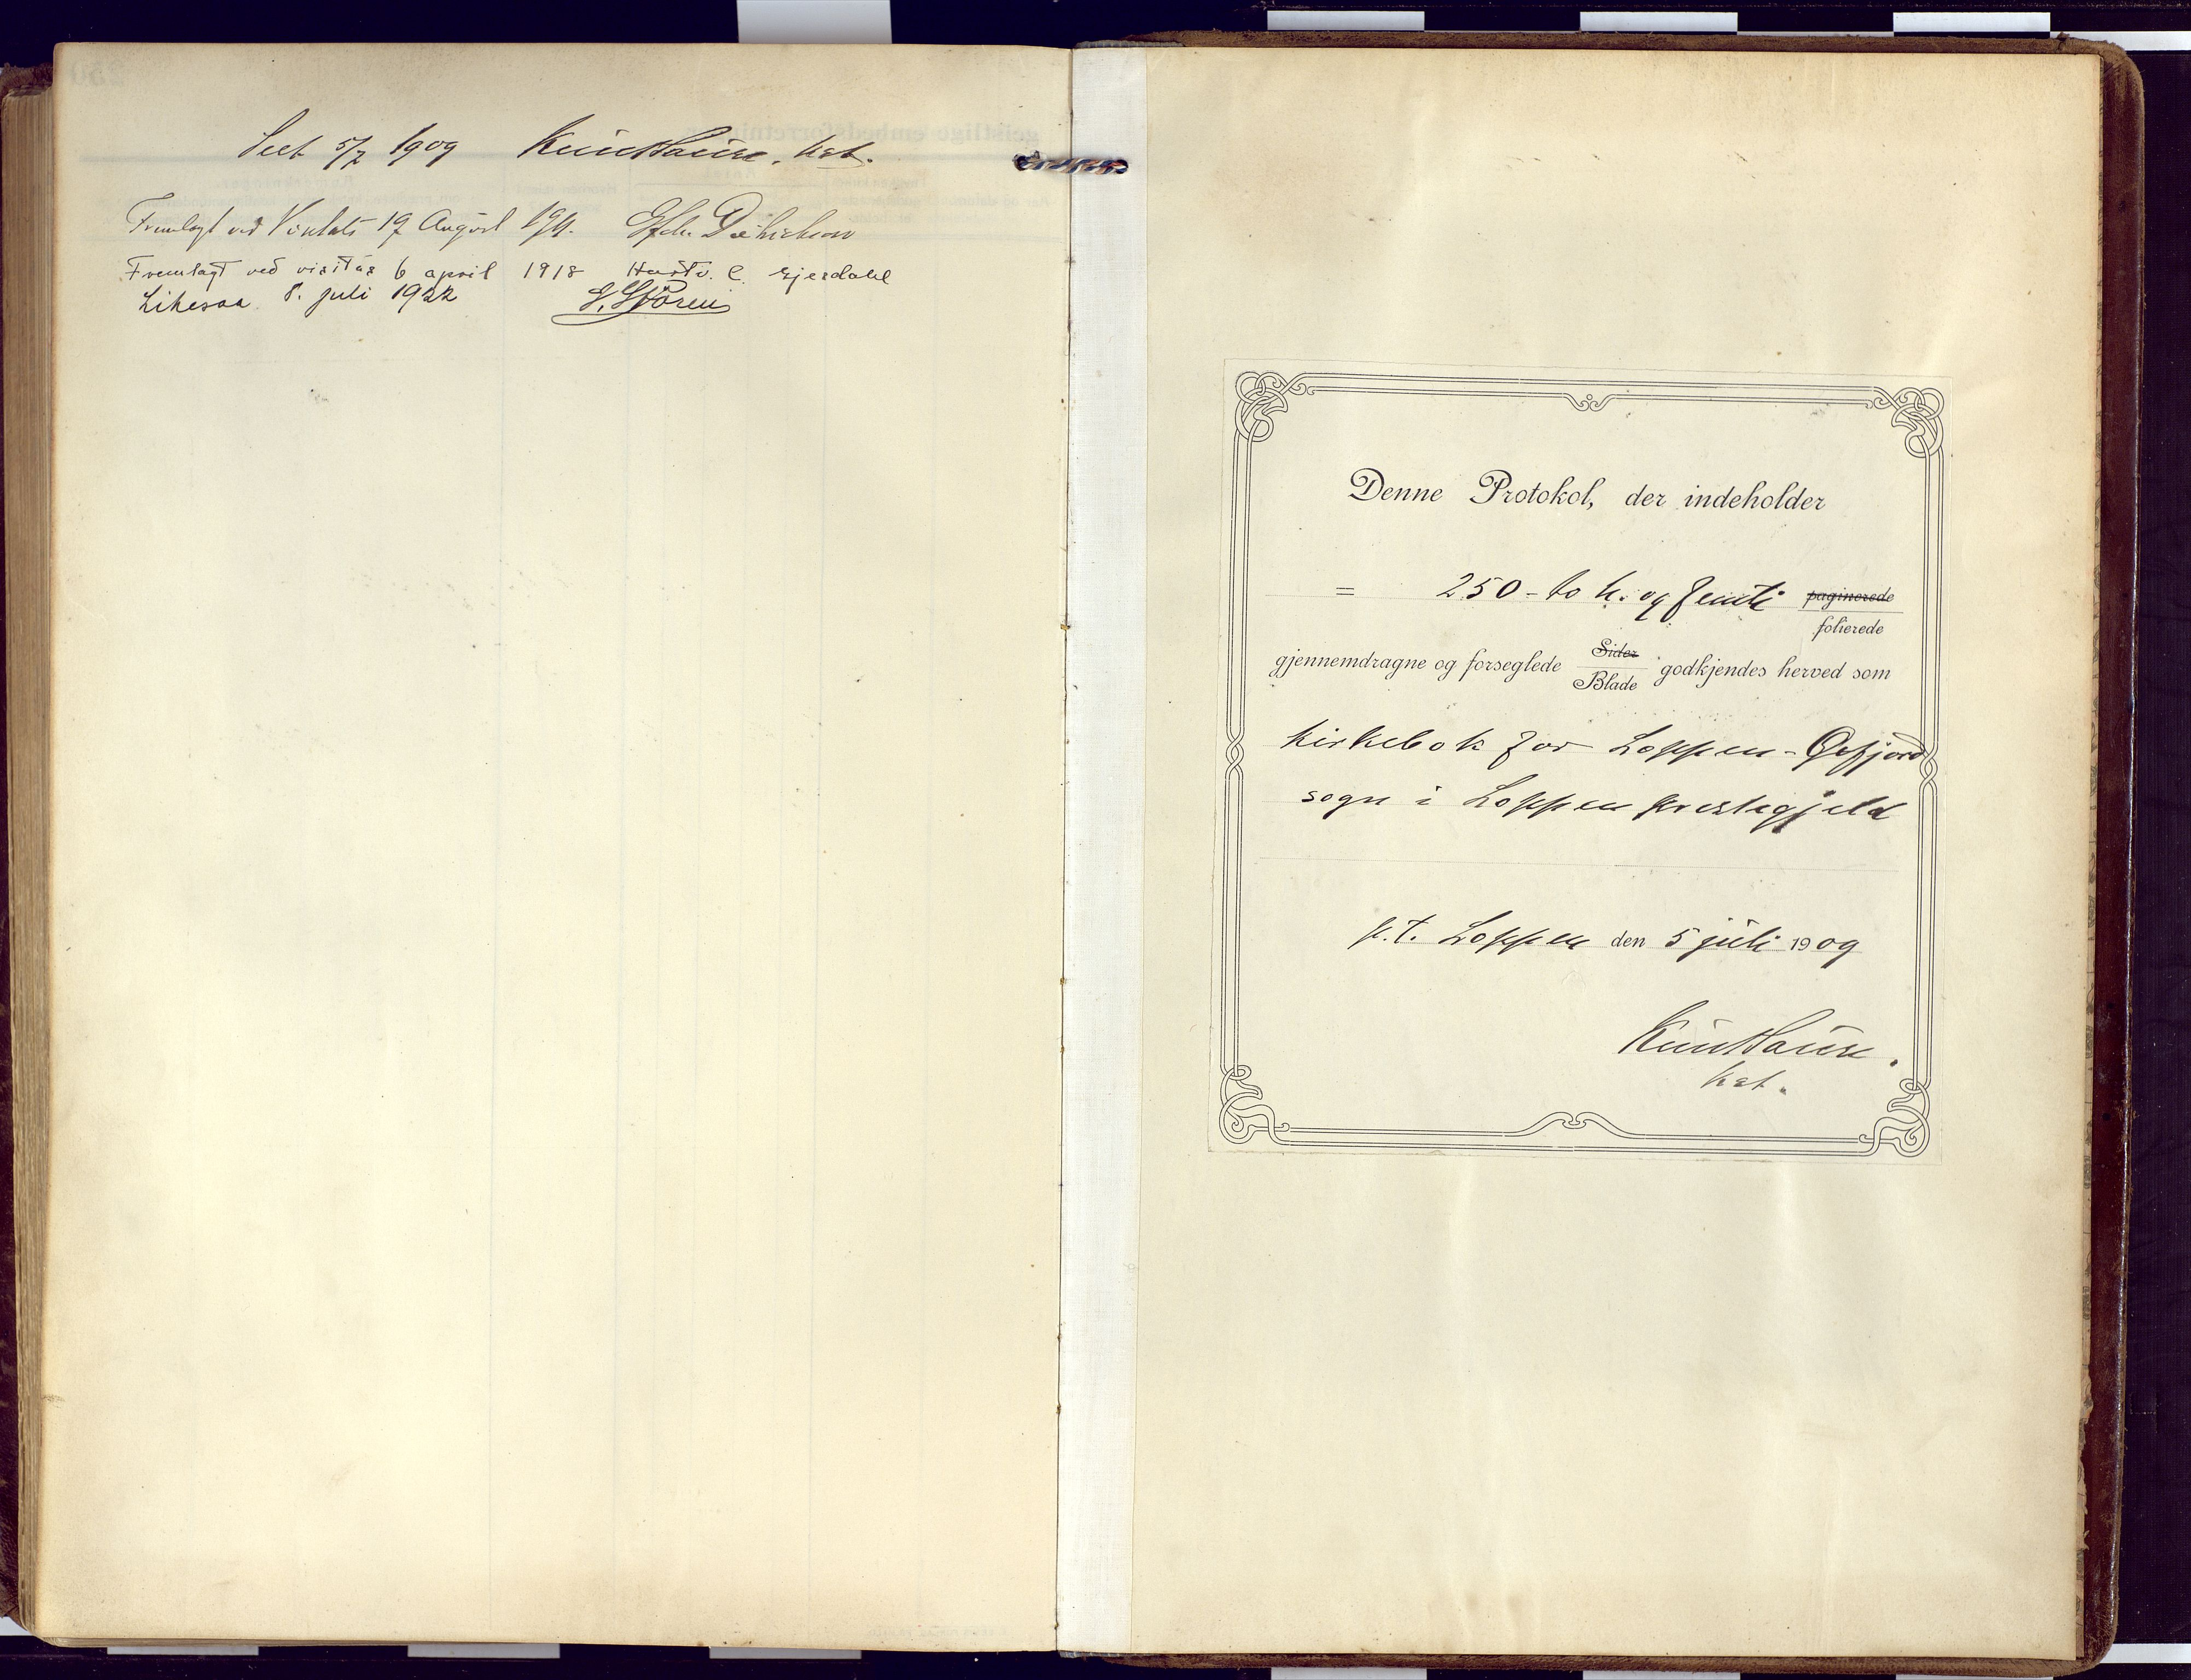 SATØ, Loppa sokneprestkontor, H/Ha/L0011kirke: Ministerialbok nr. 11, 1909-1919